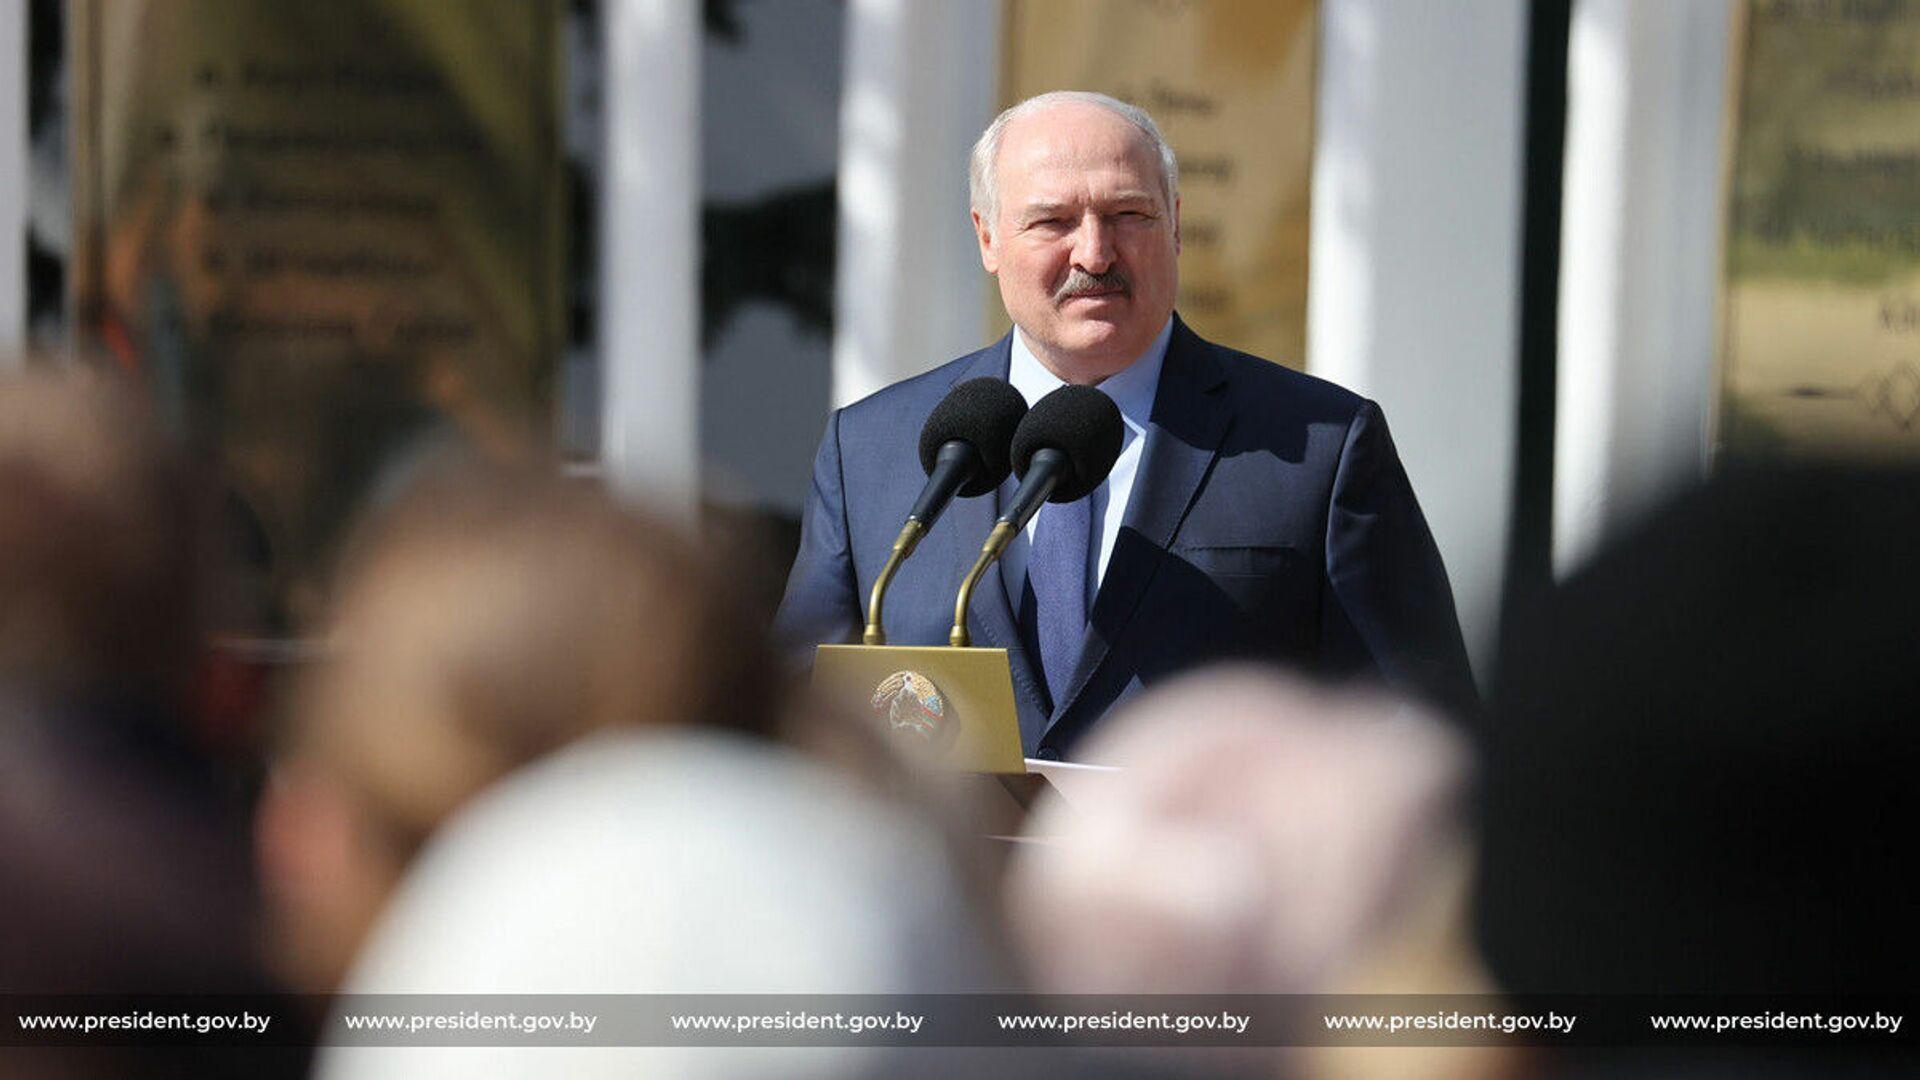 Prezydent Białorusi Aleksandr Łukaszenka. - Sputnik Polska, 1920, 13.08.2021